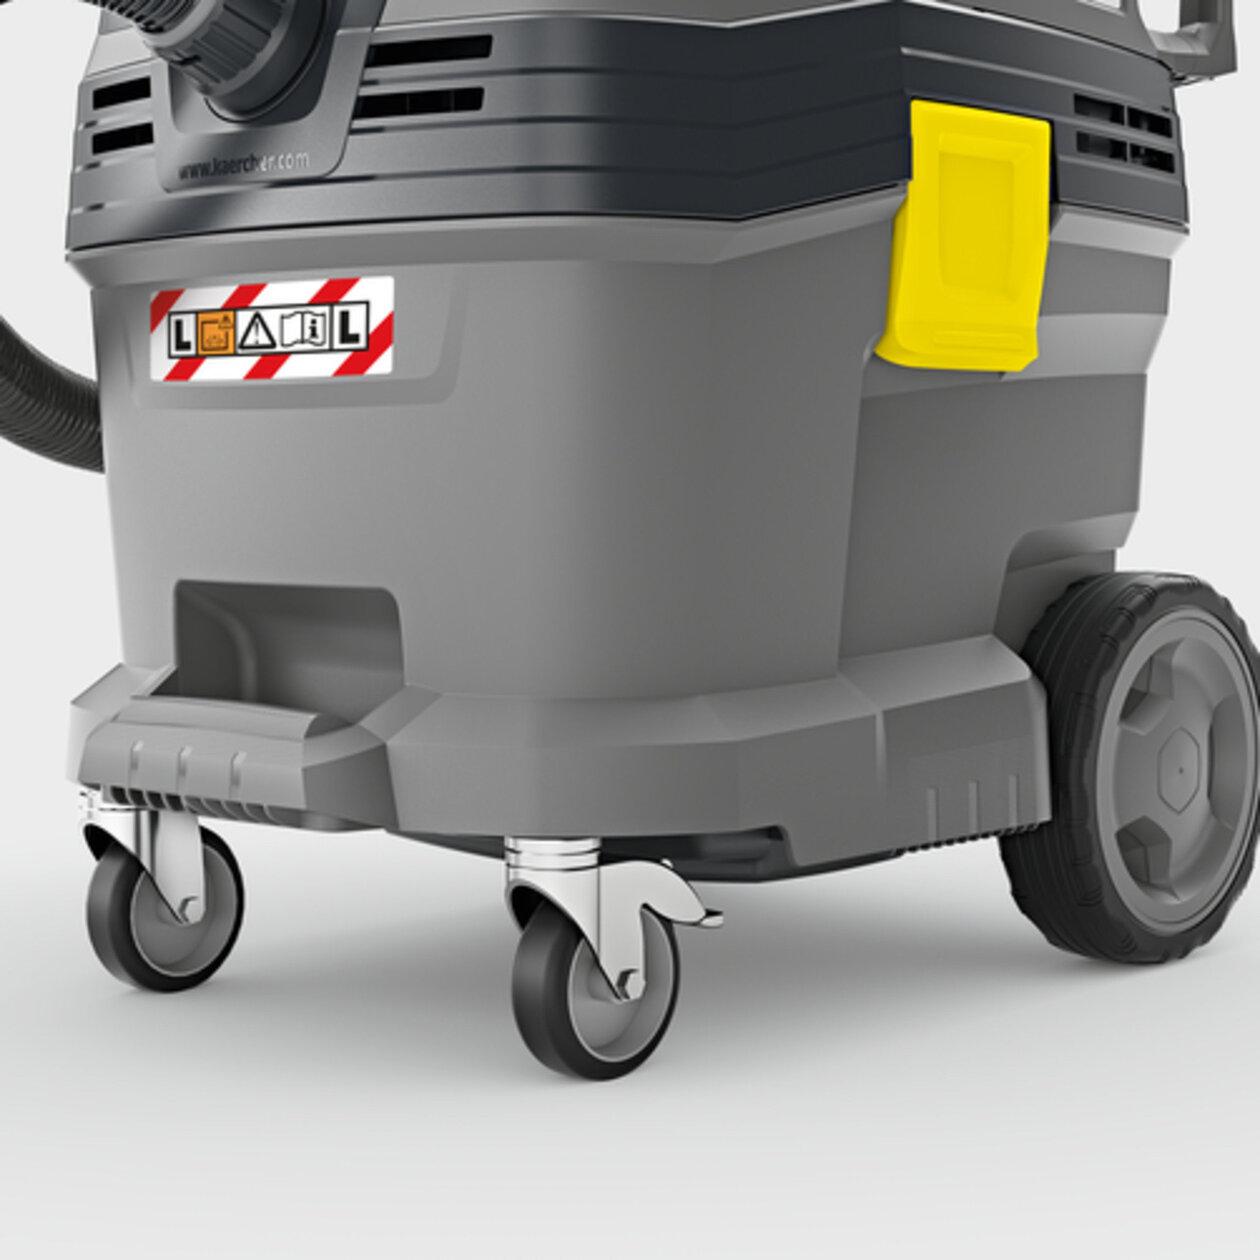 Пылесос сухой и влажной уборки NT 30/1 Tact L: Прочный контейнер с отбойниками и металлическими поворотными роликами